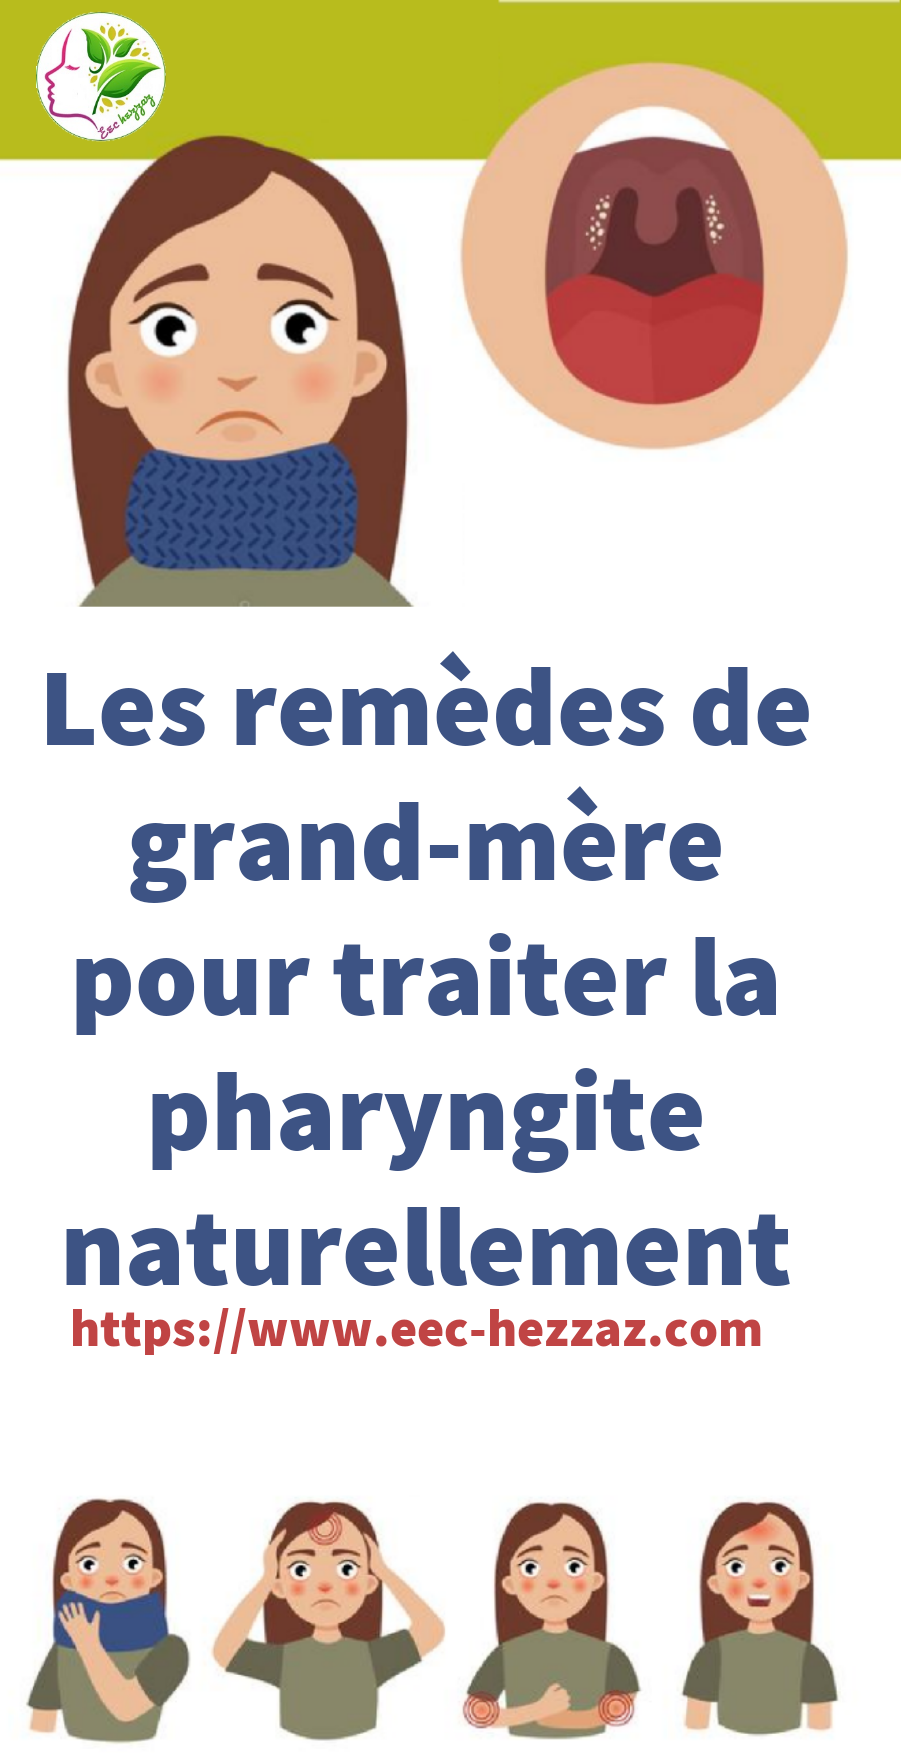 Les remèdes de grand-mère pour traiter la pharyngite naturellement